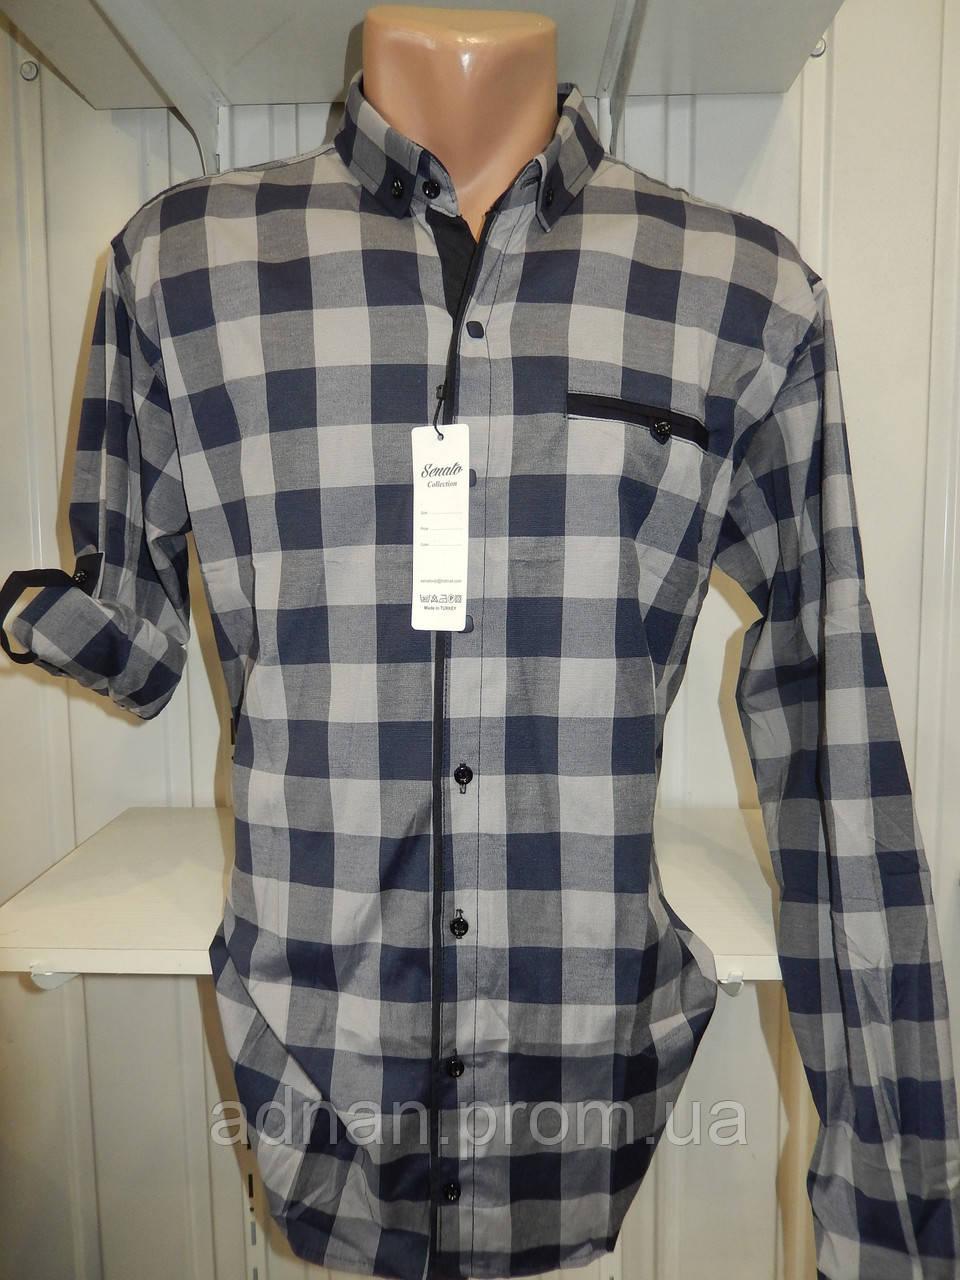 Рубашка мужская CROM  крупная клетка, Полу-батал, стрейч, 3 заклепки 001 /купить только оптом